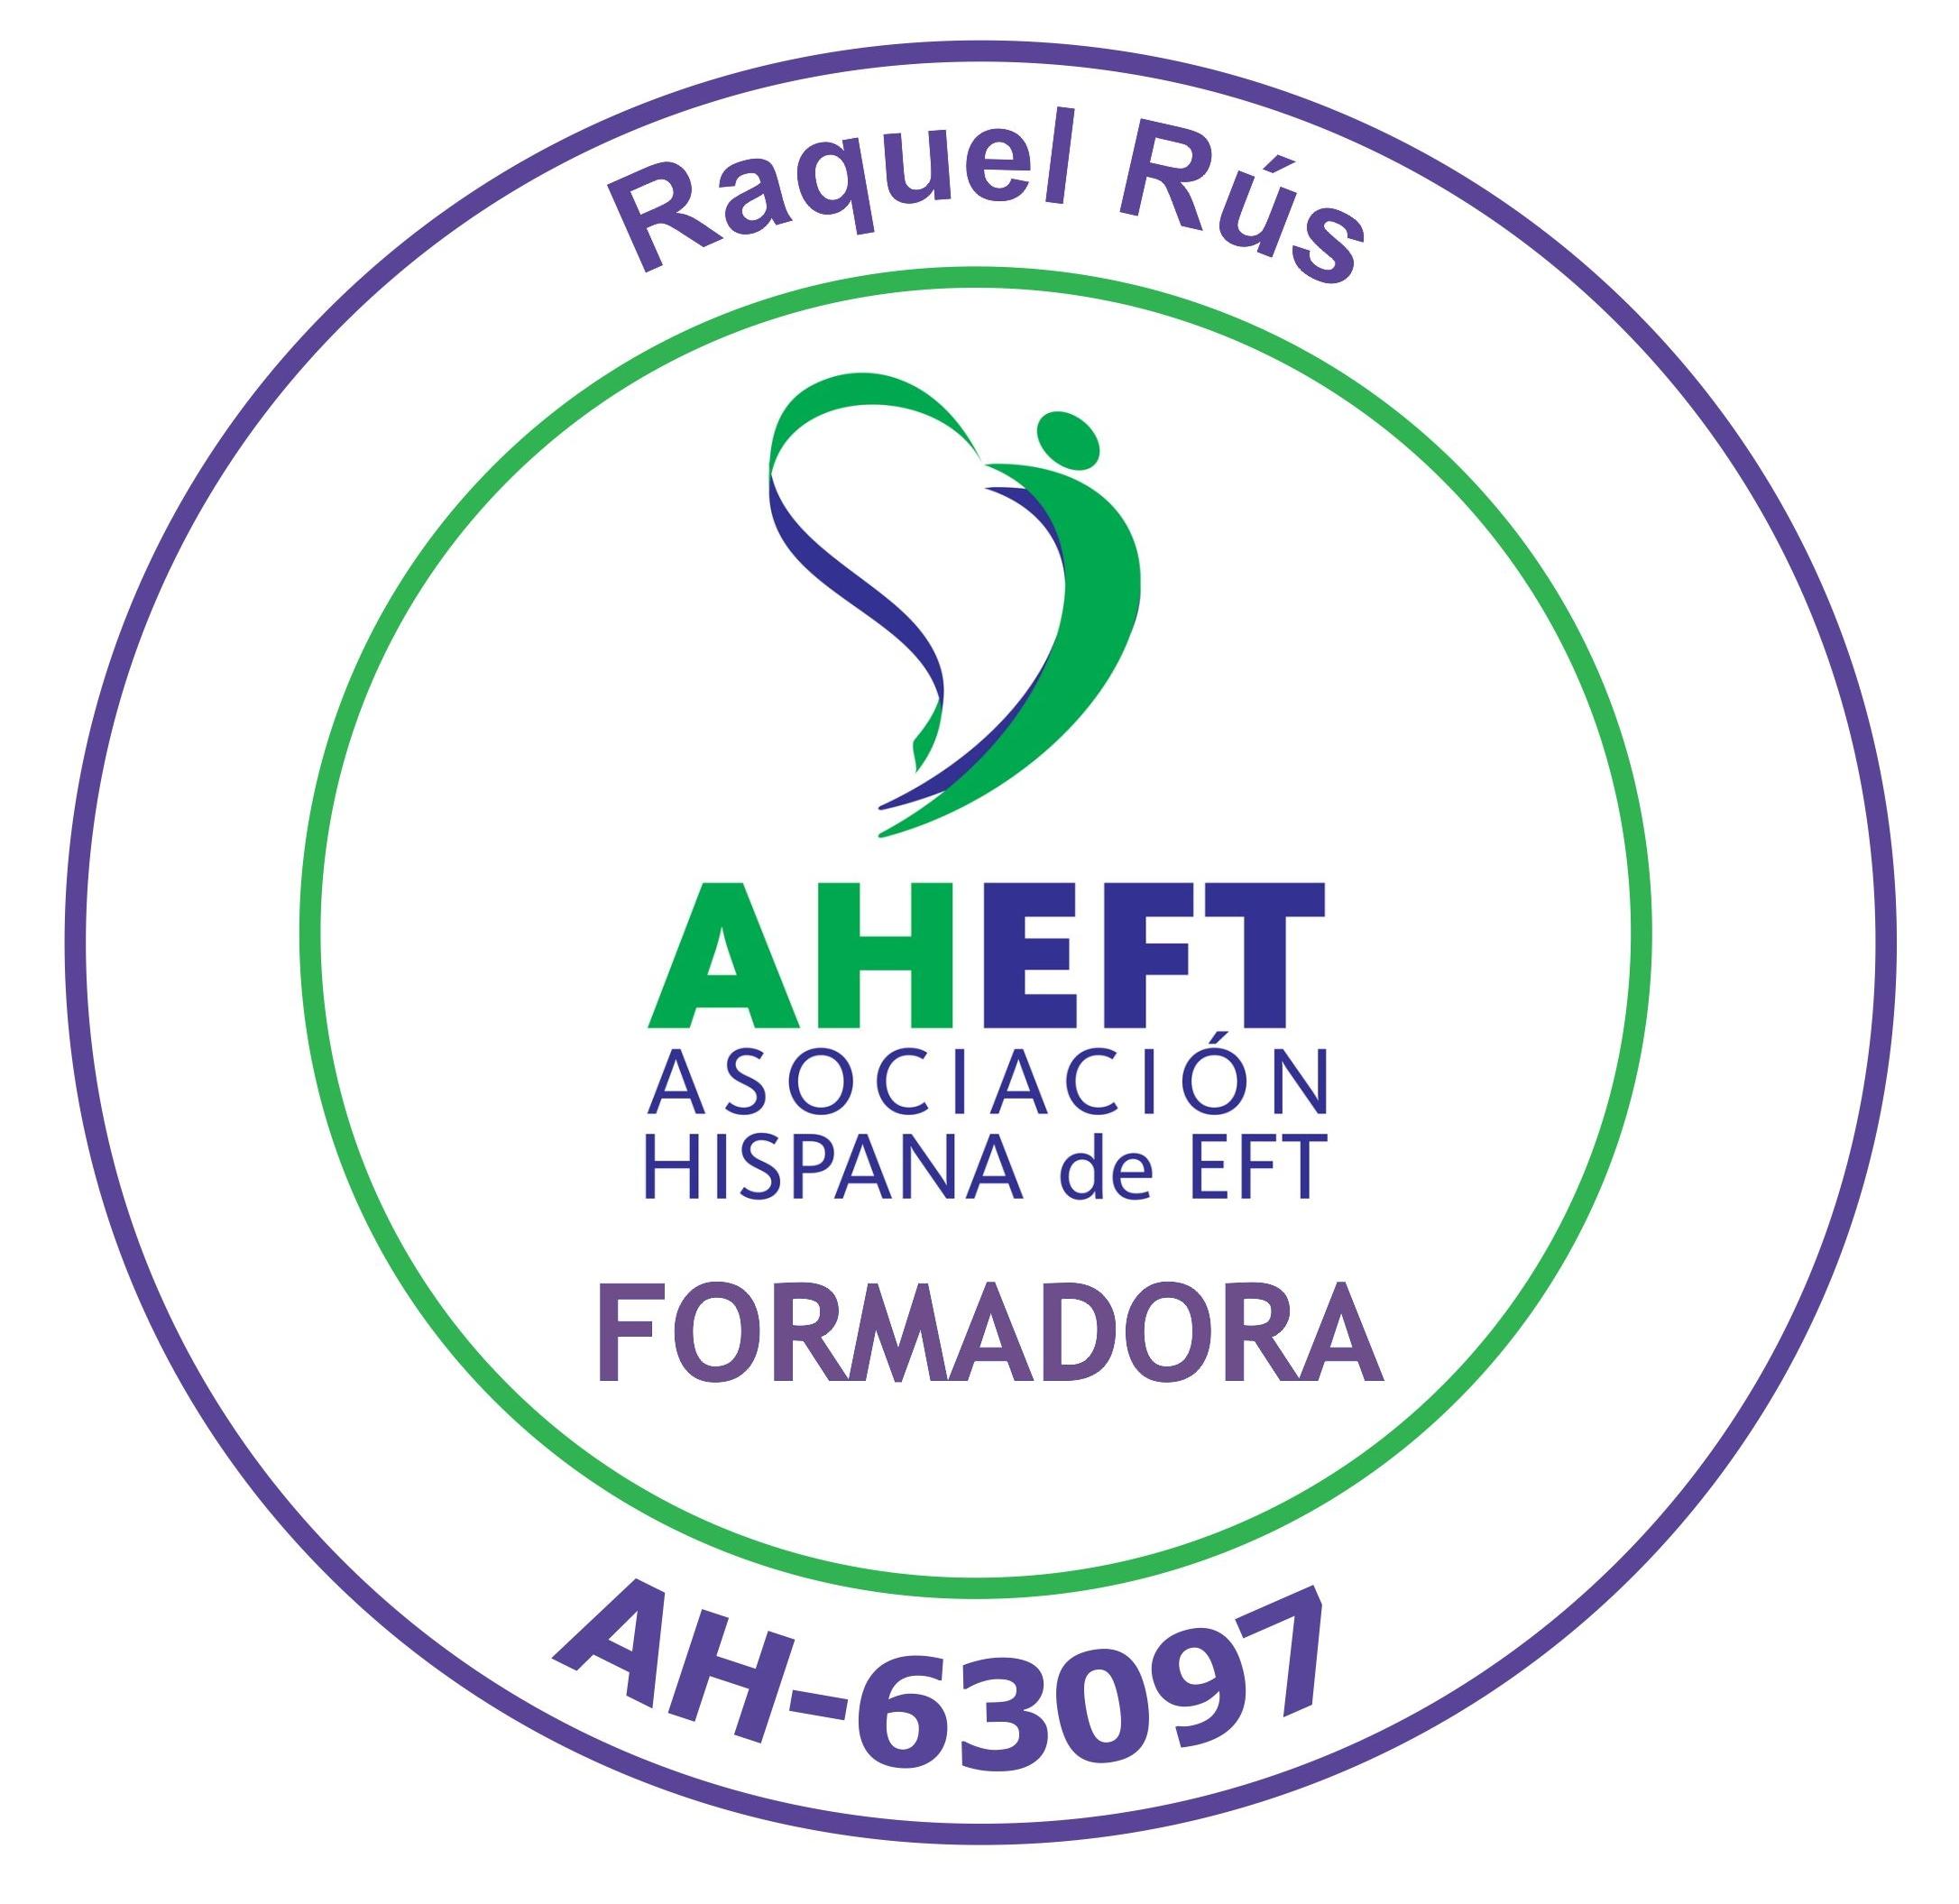 Formadora Certificada de EFT por la AHEFT